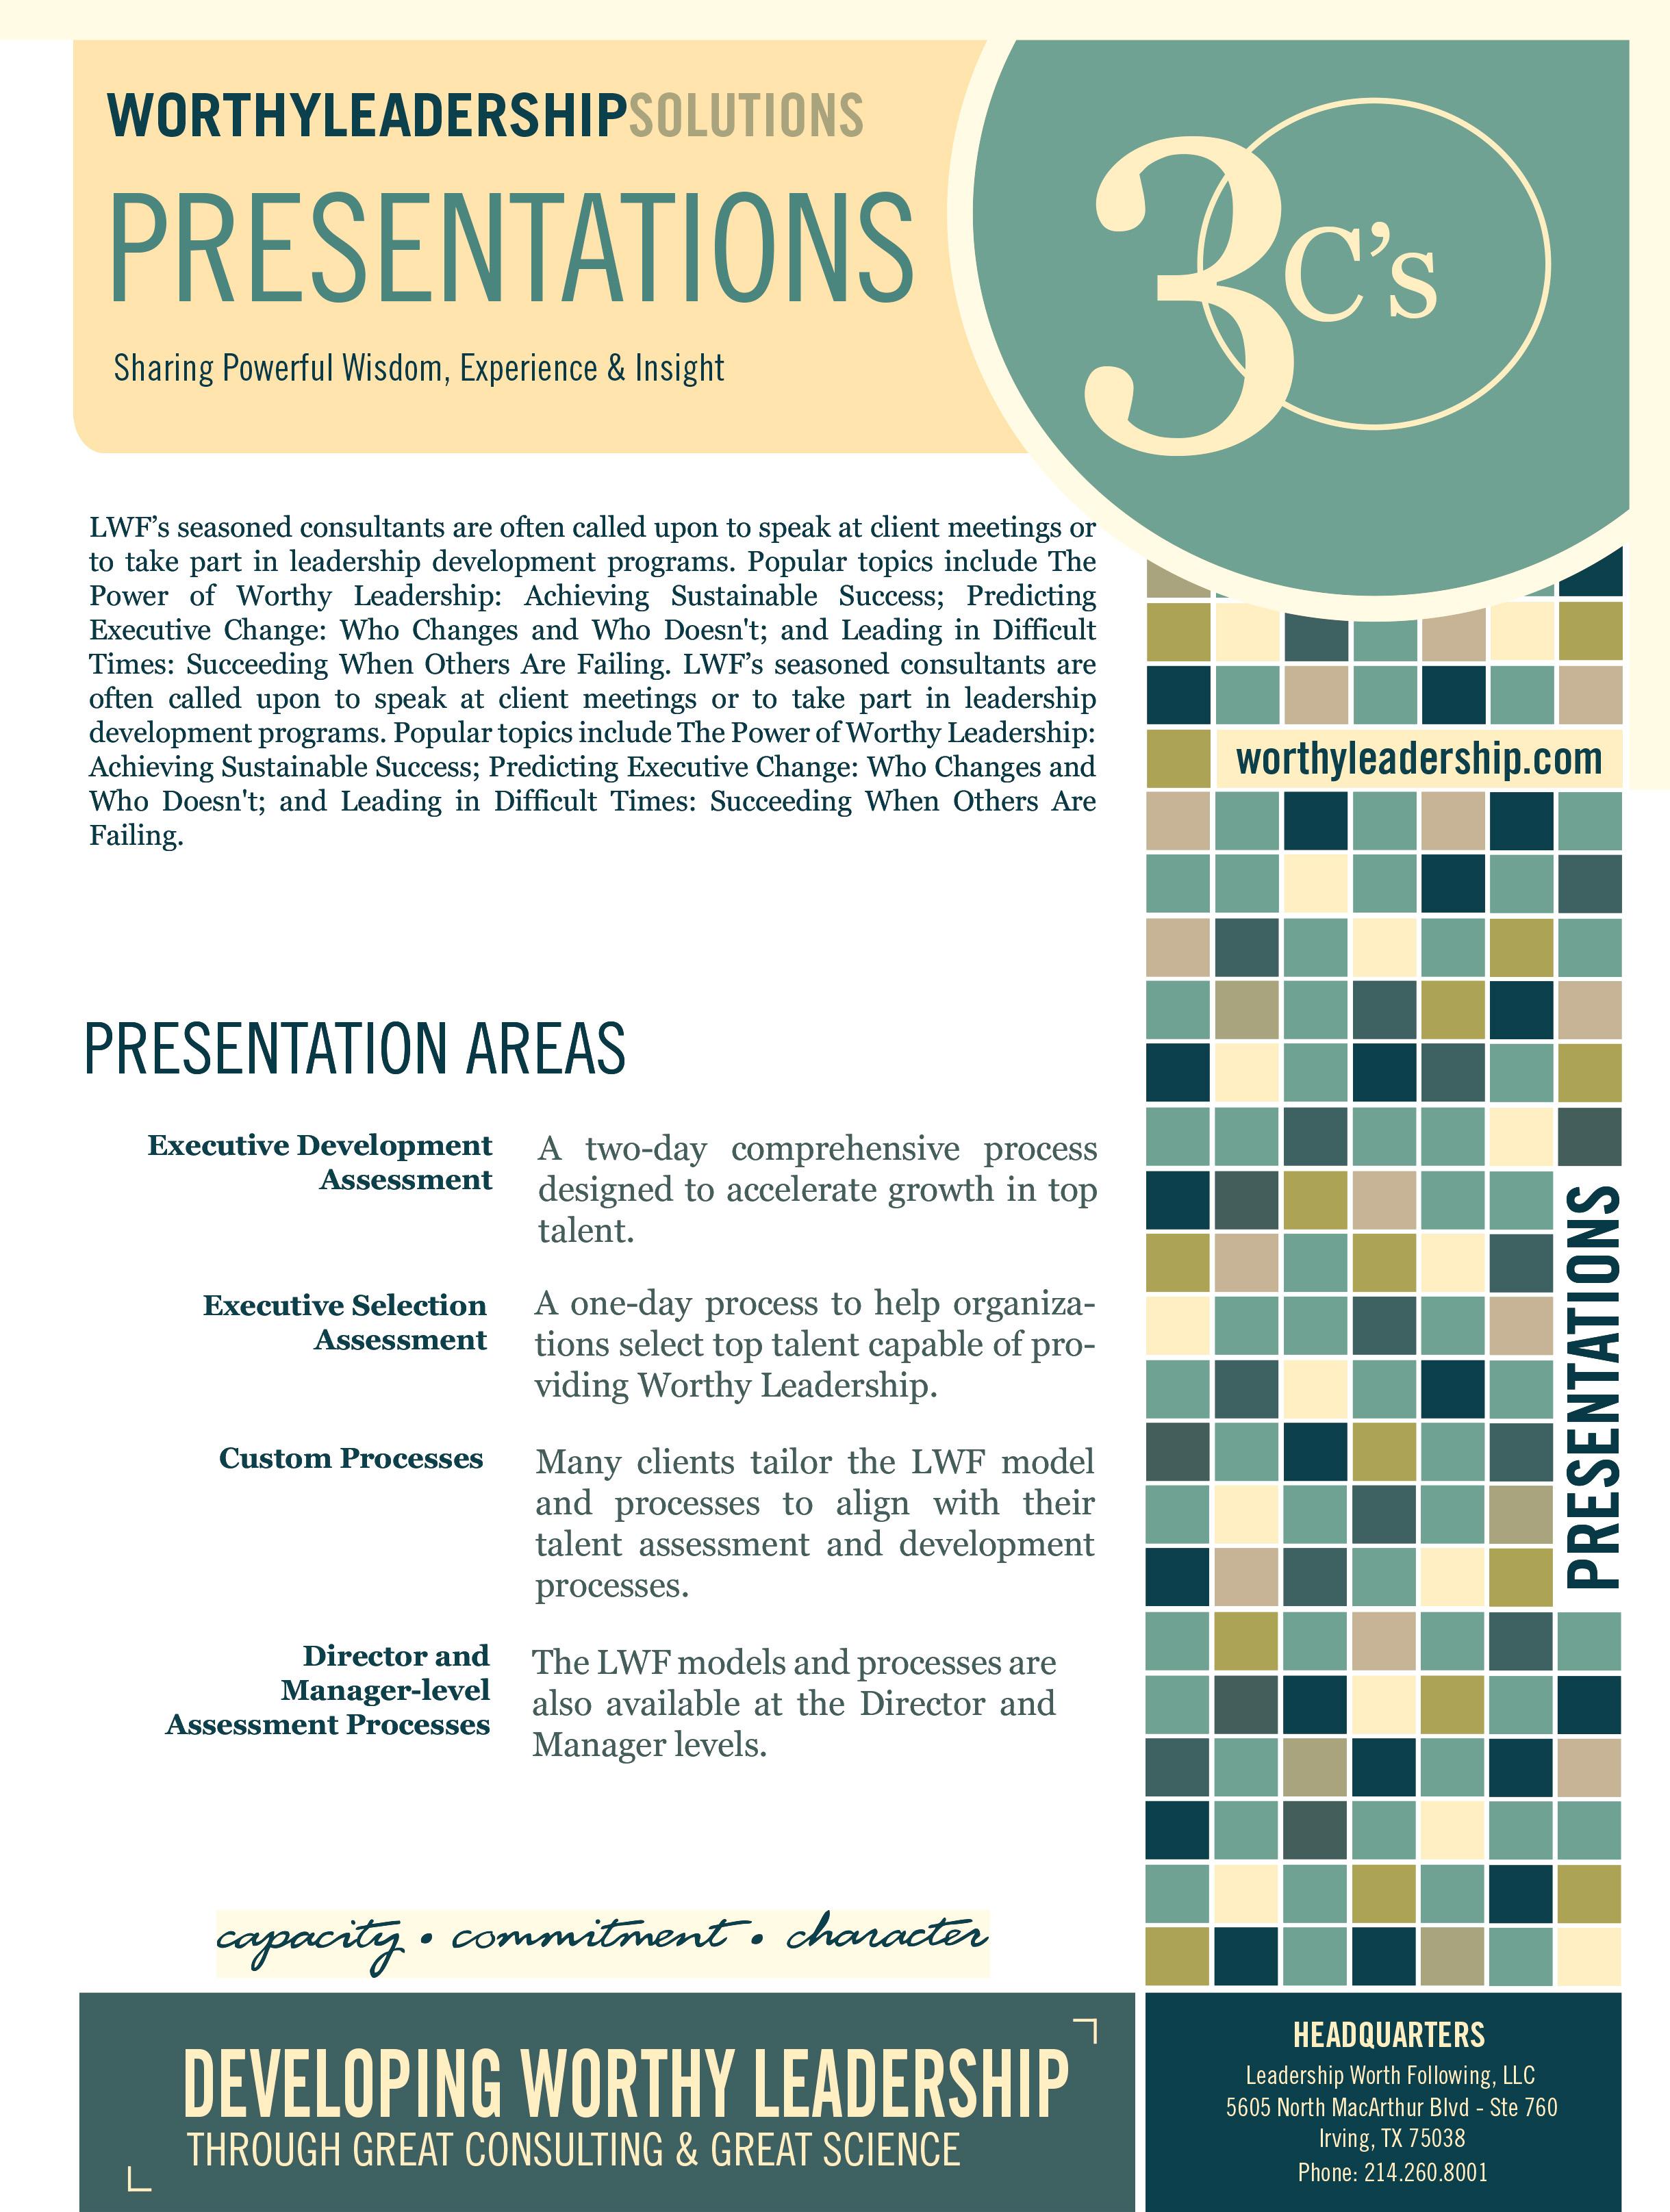 SolutionsFlyer6.jpg